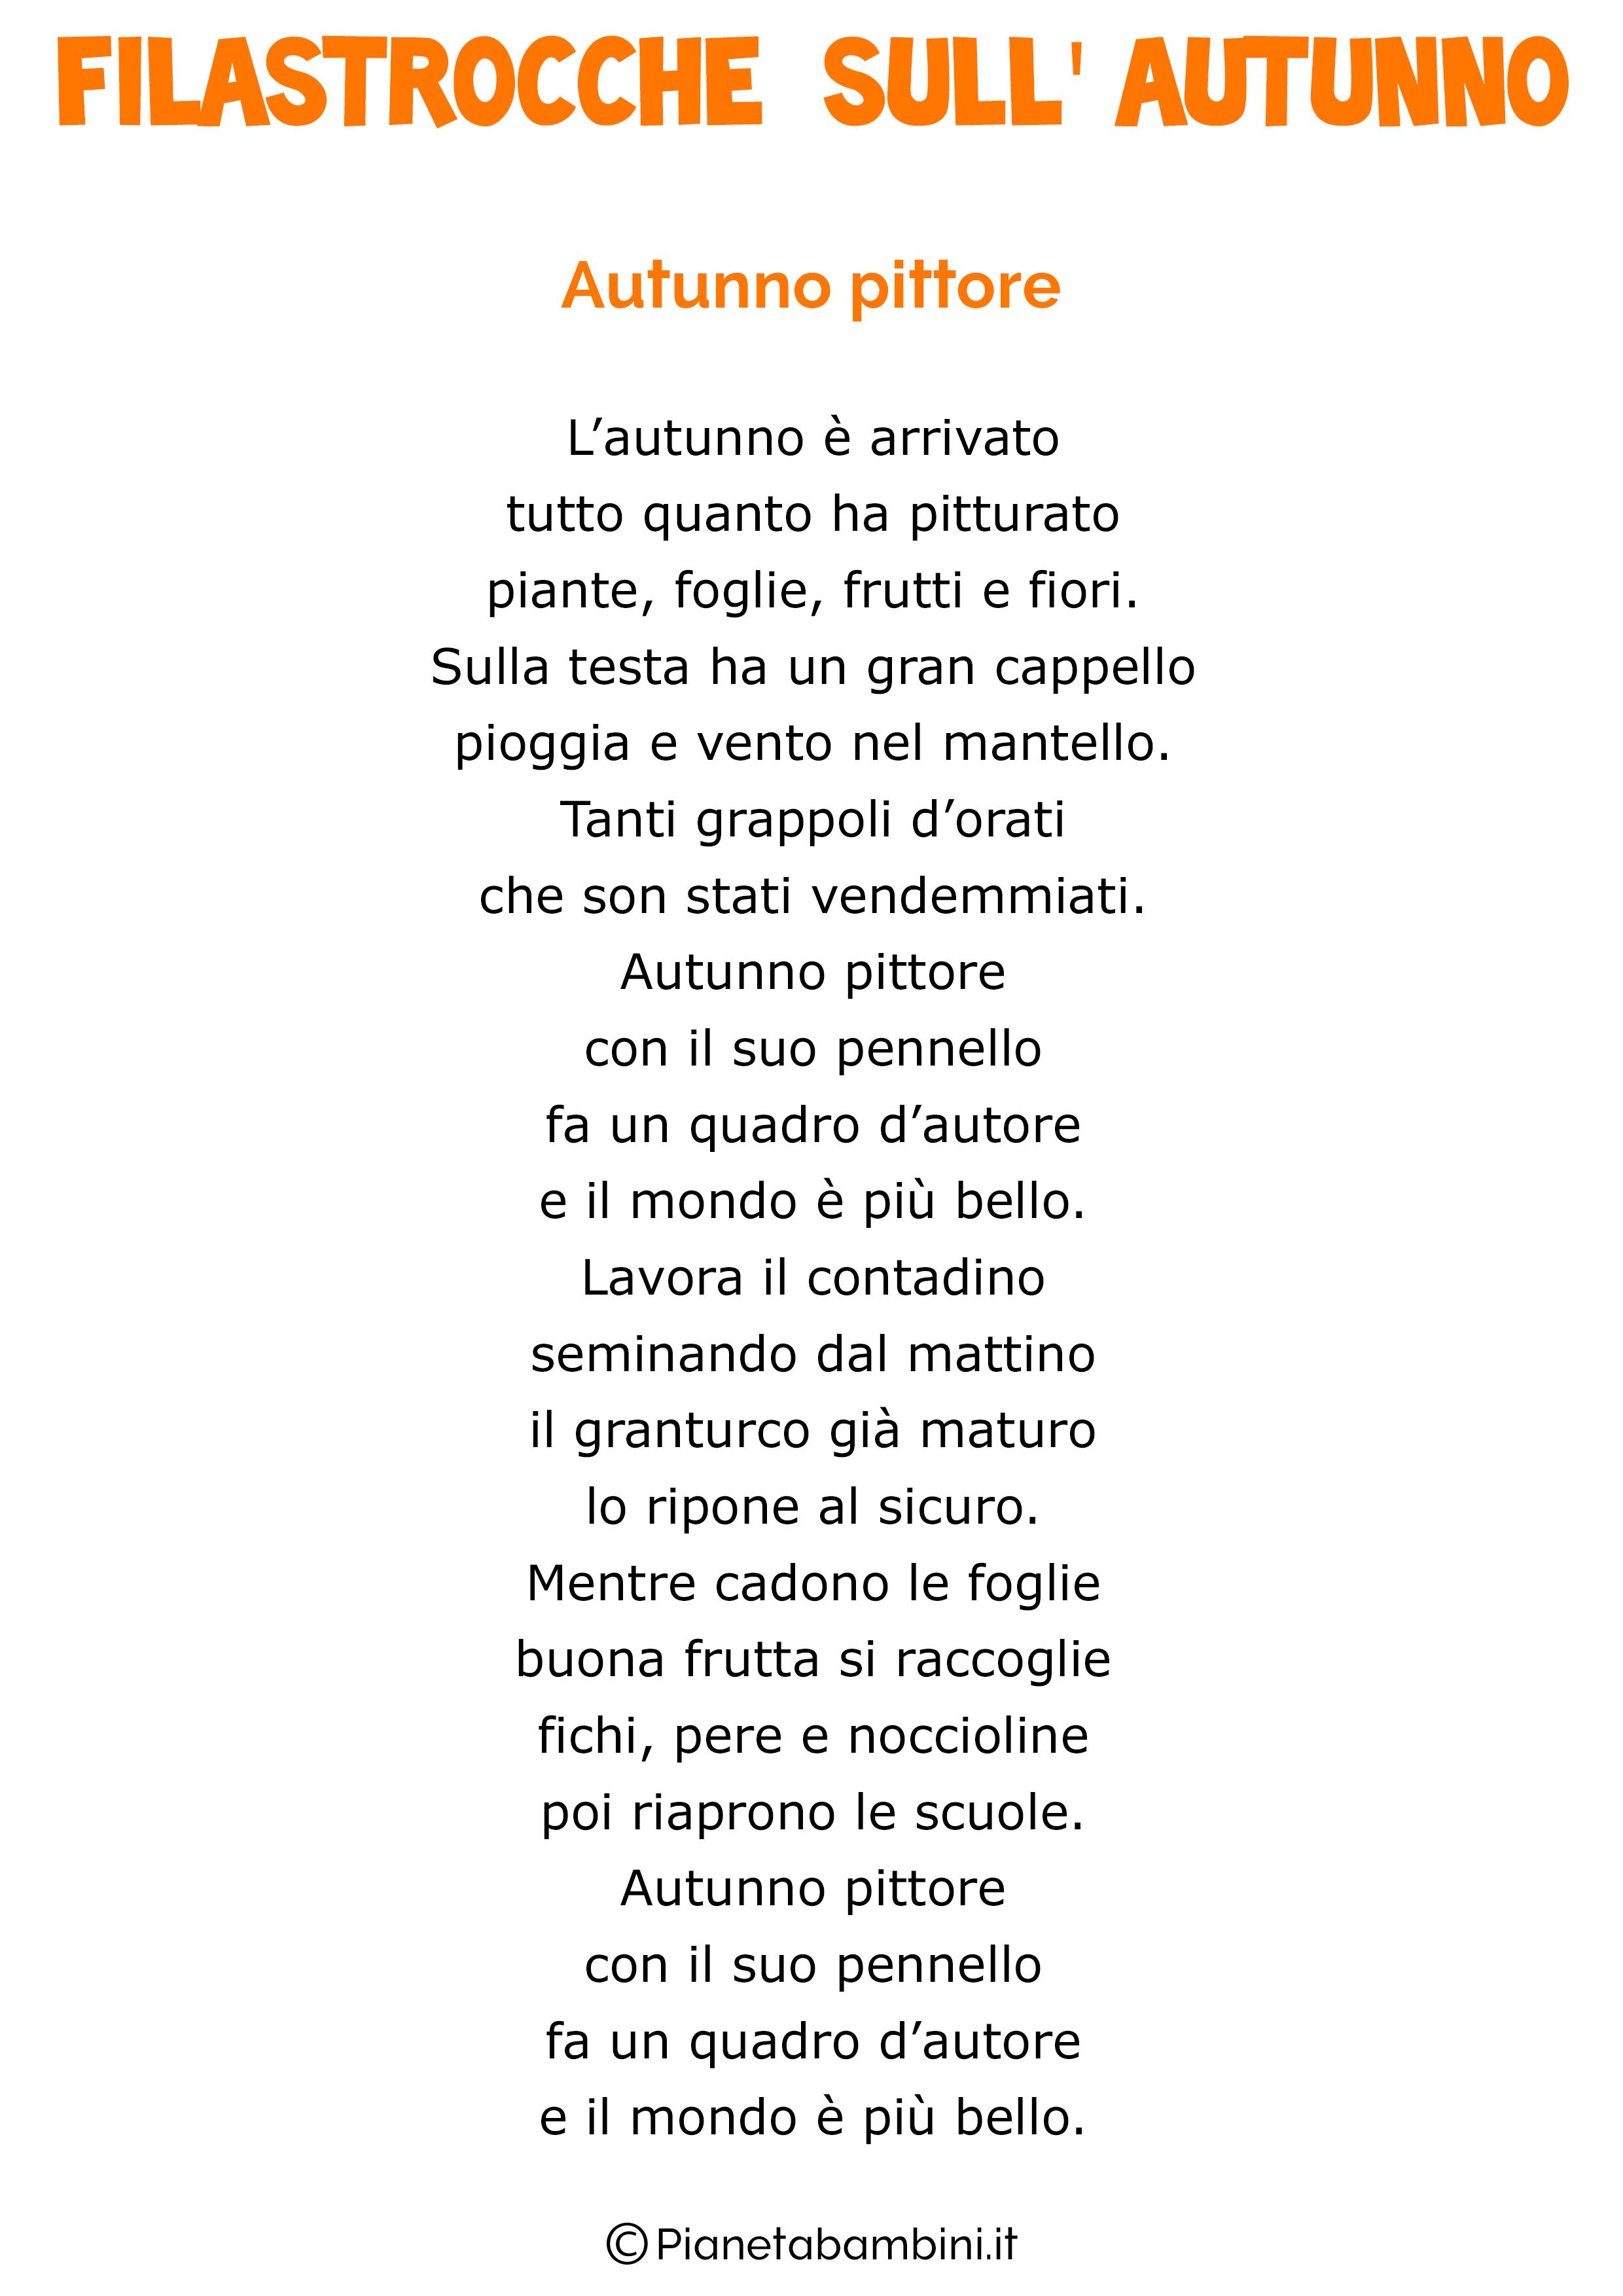 Autunno-Pittore